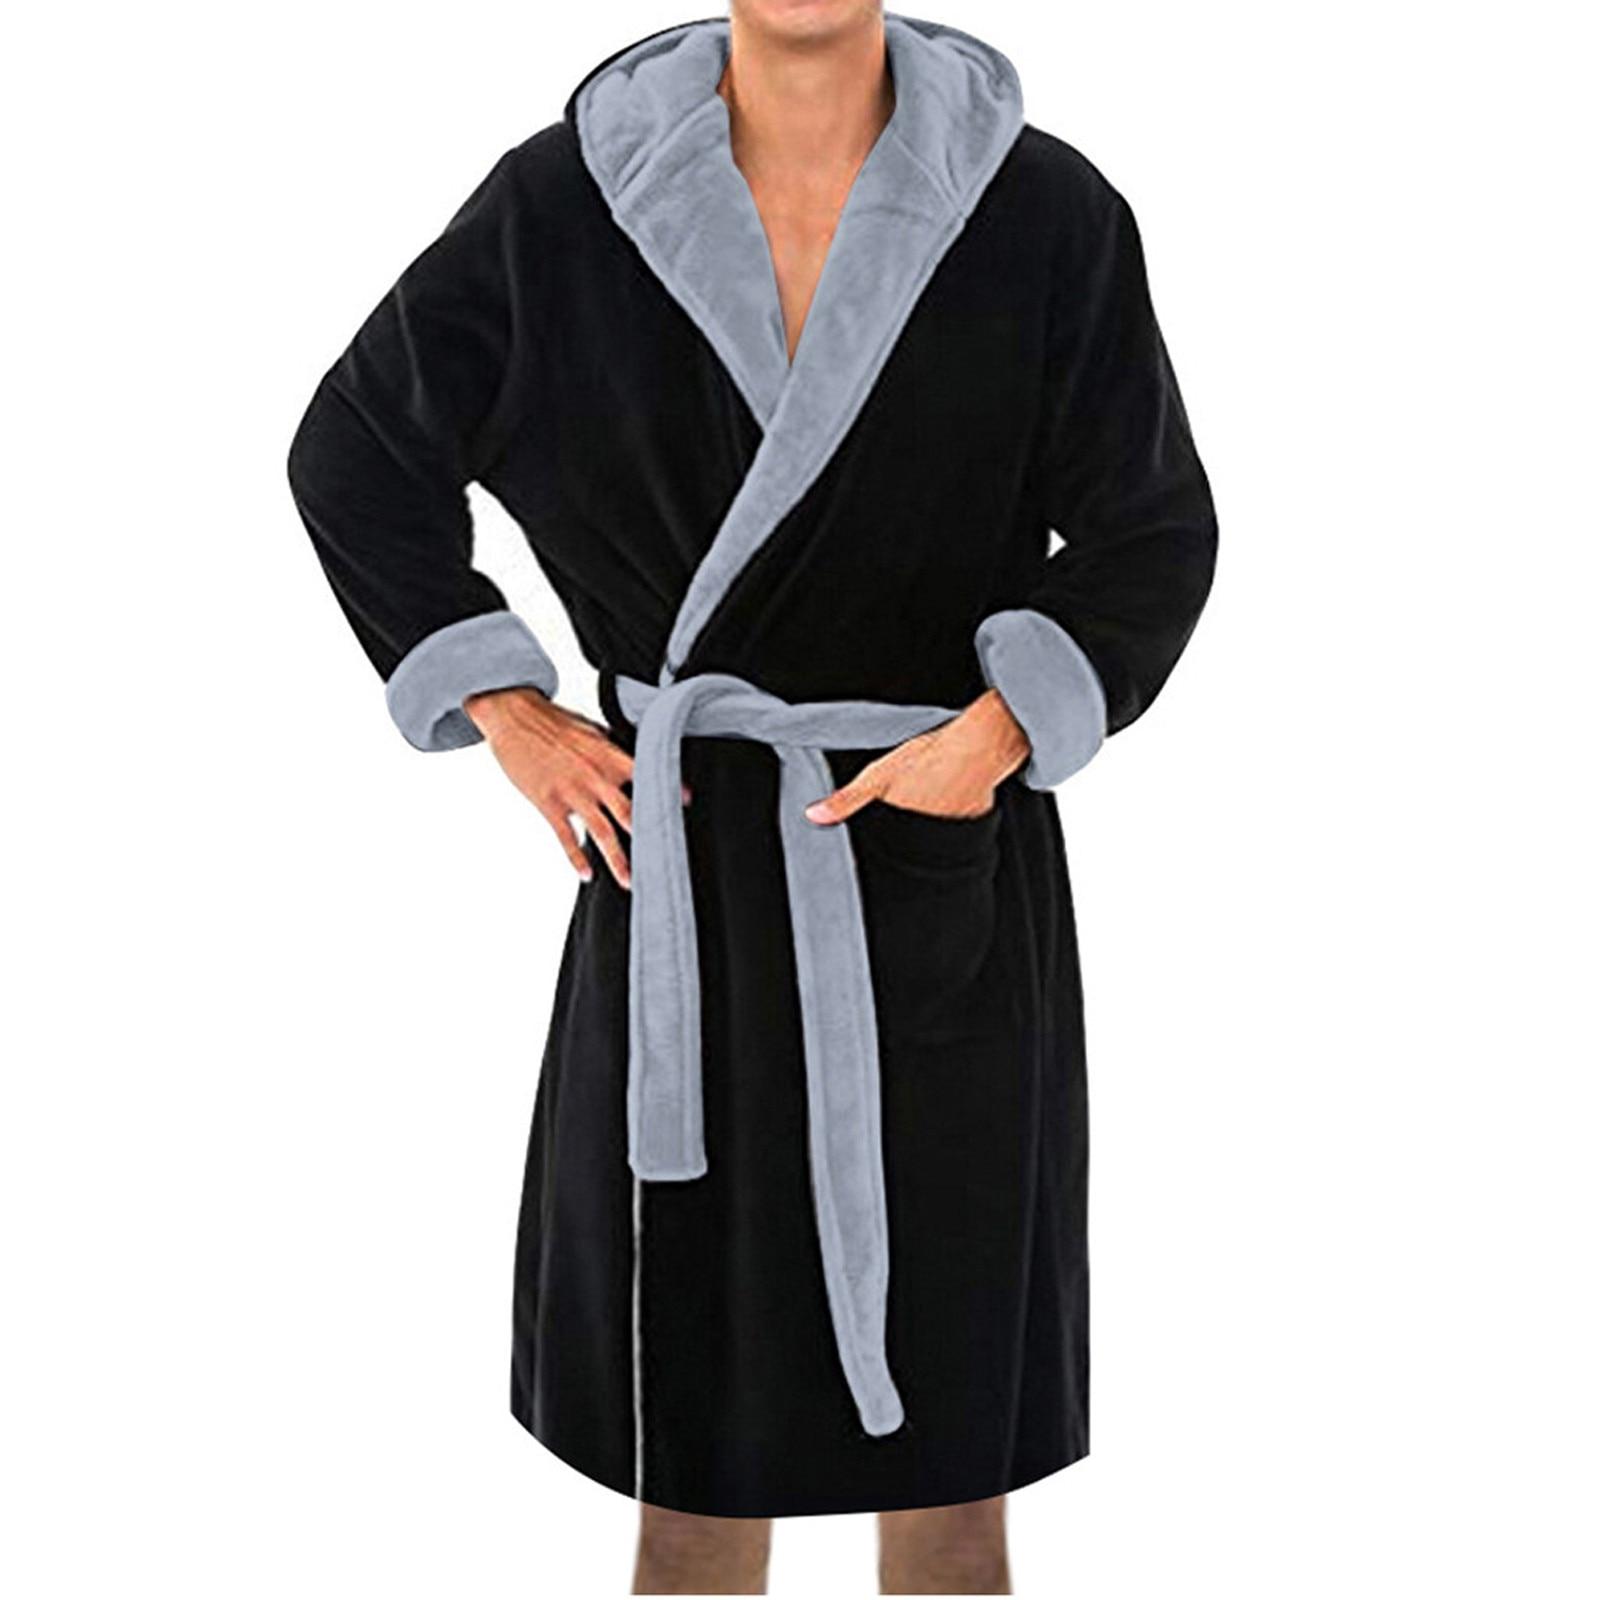 Мужчины% 27 Зима Теплые Халаты Толстые Удлиненные Плюшевые Шаль Халат Кимоно Дом Одежда Длинные Рукава Халат Пальто